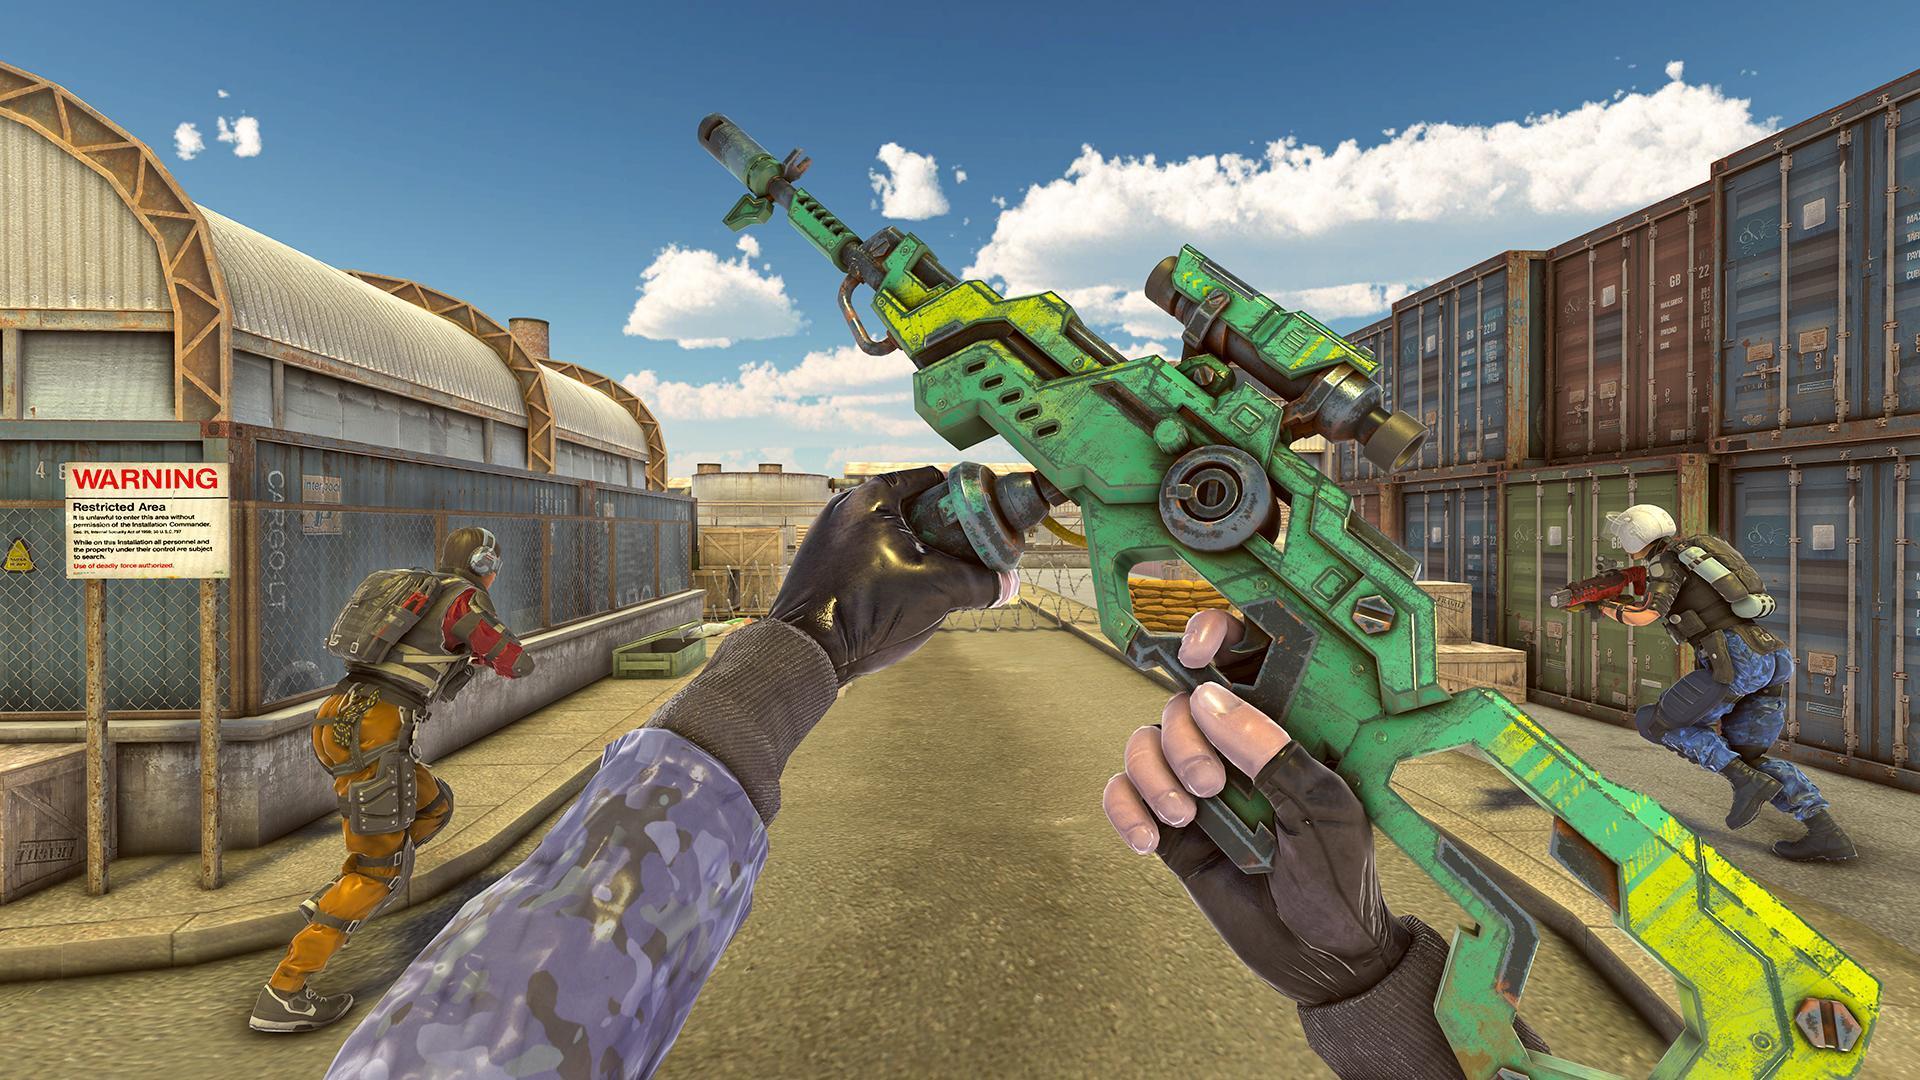 Legend Fire Battleground Shooting Game 1.9 Screenshot 7